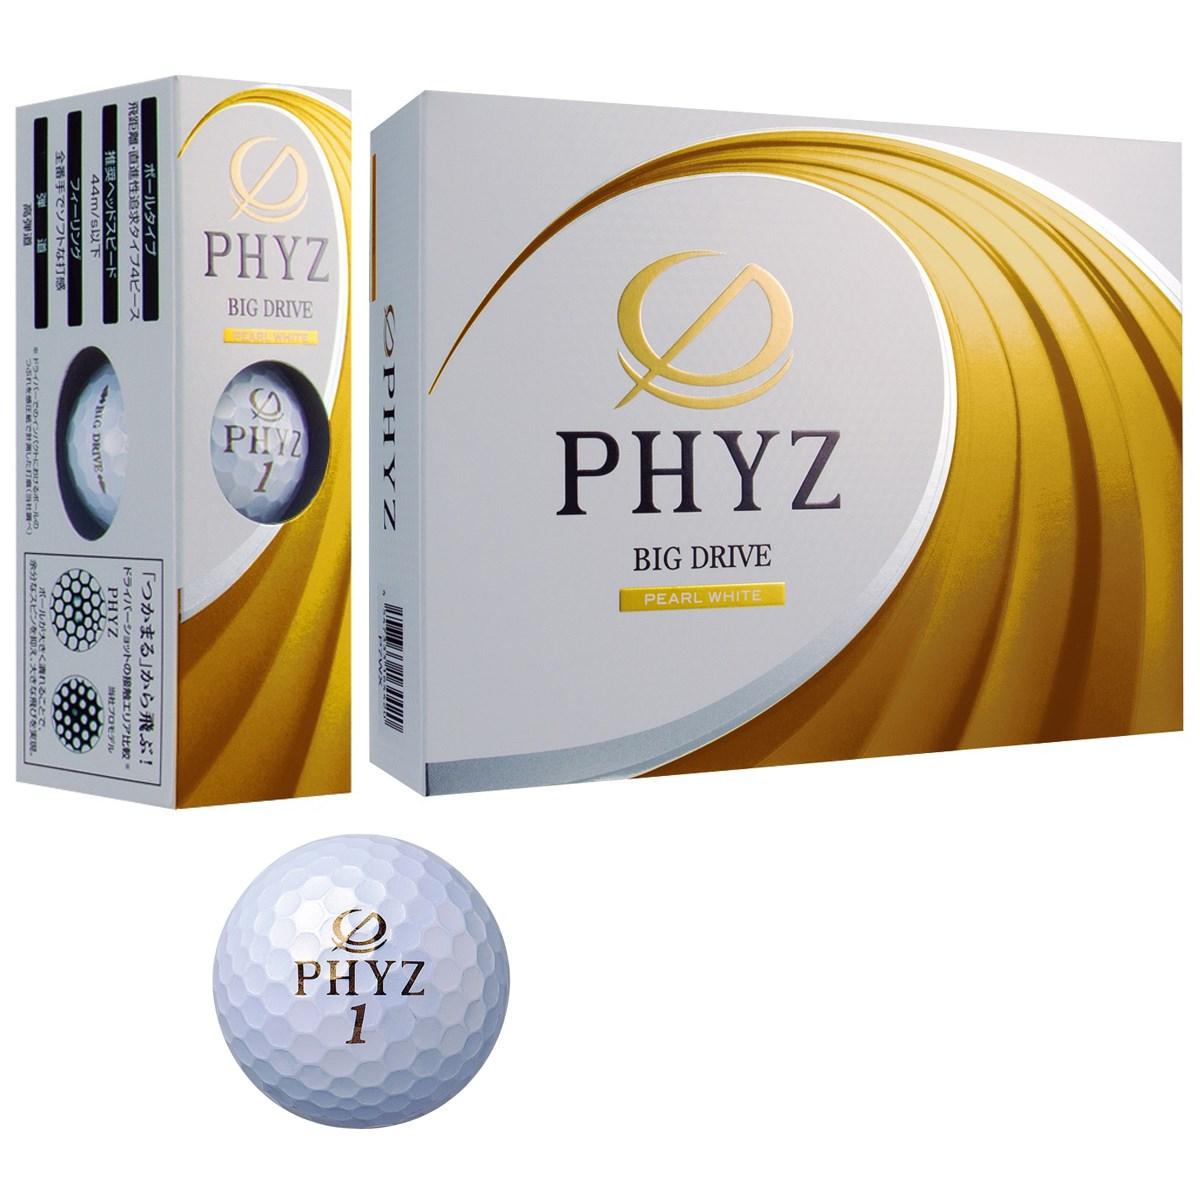 ブリヂストン PHYZ PHYZ ボール 2017年モデル 1ダース(12個入り) パールホワイト